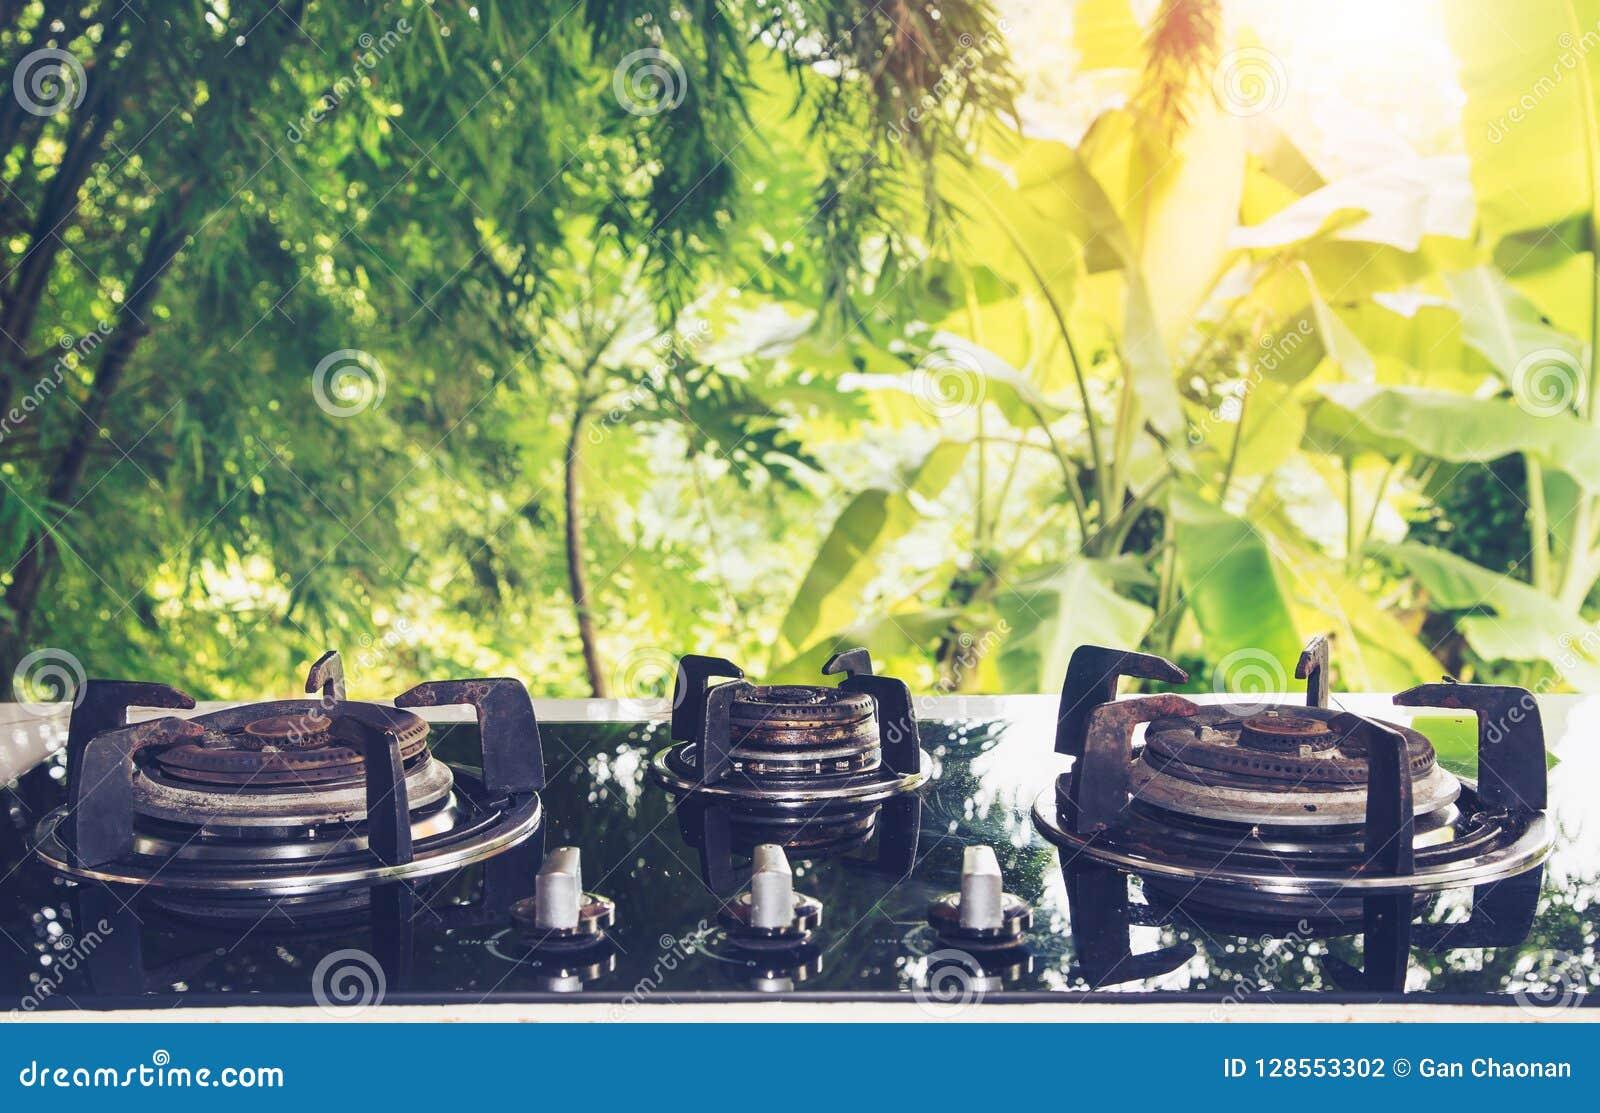 Vintage Kitchen Utensils Stock Photo Image Of Burner 128553302